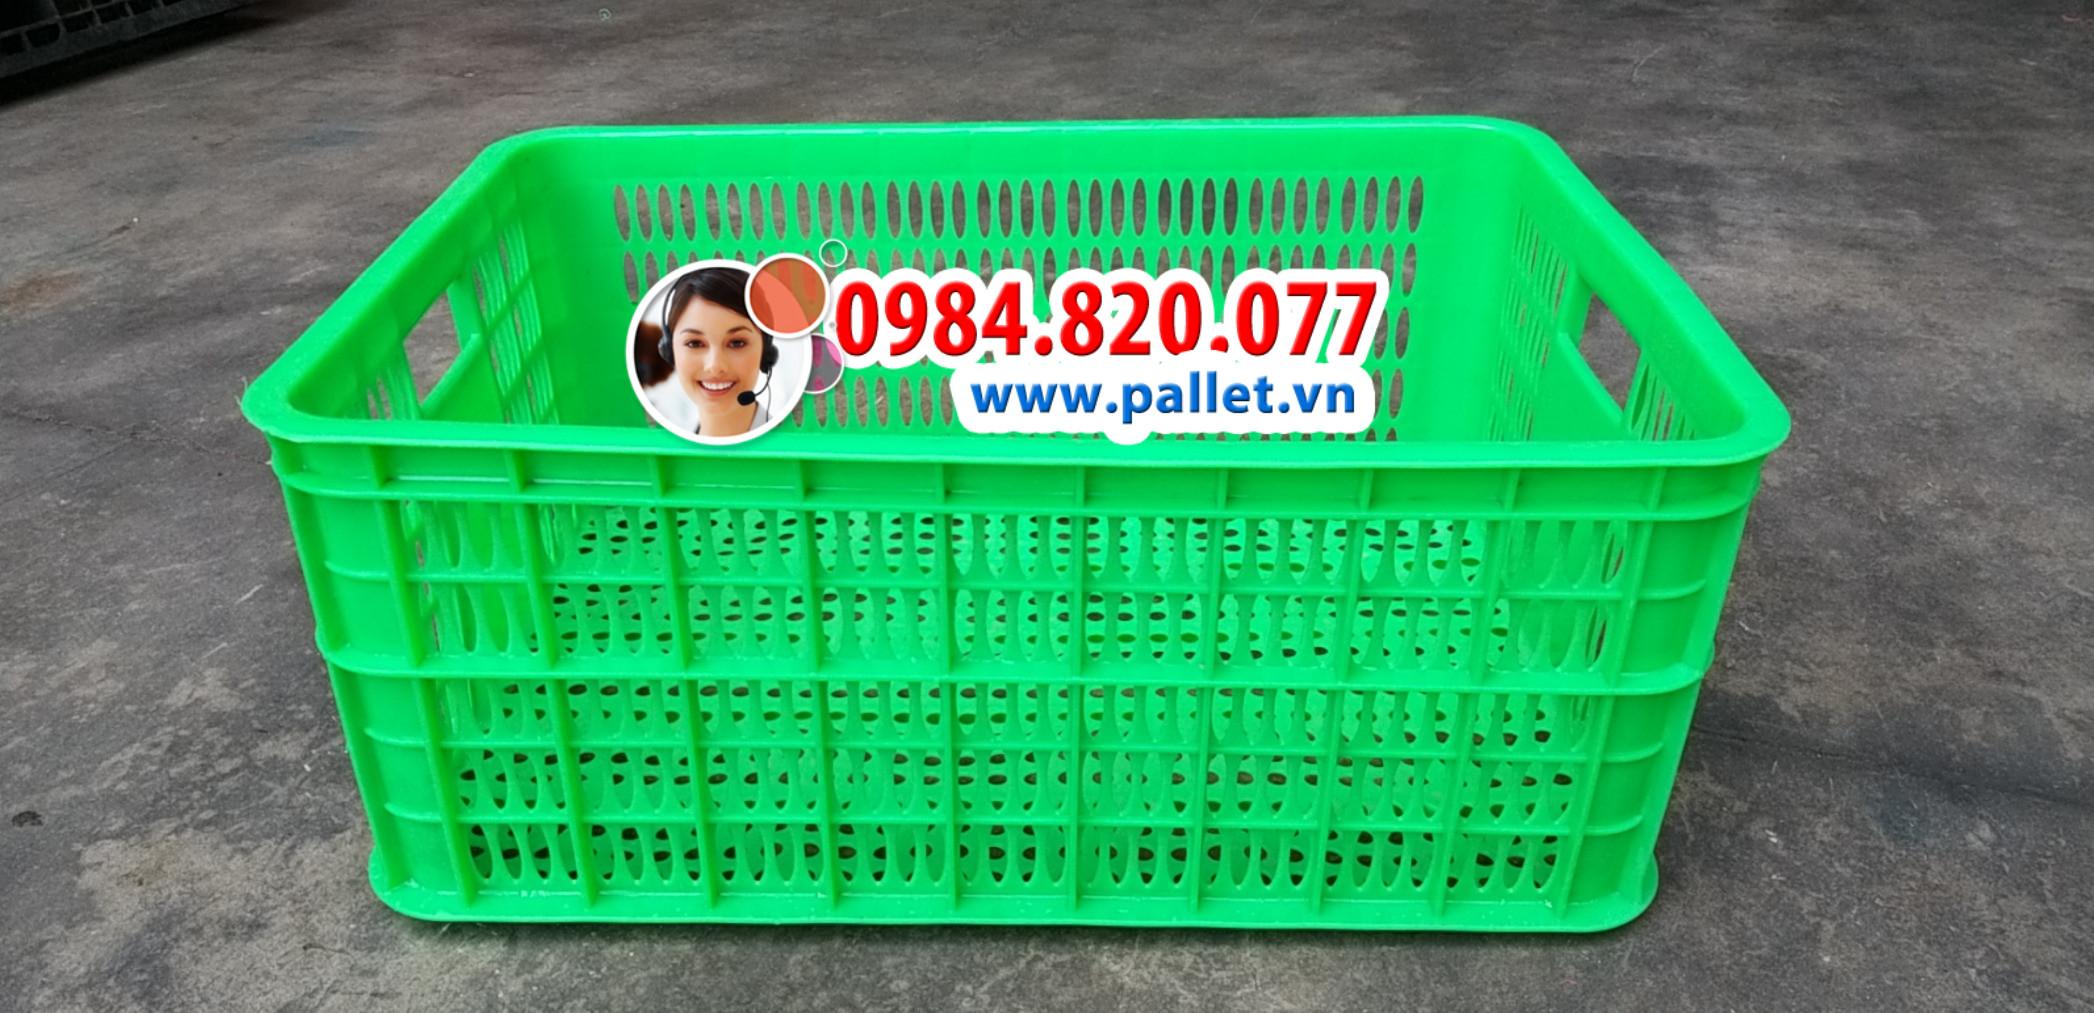 Rổ nhựa hở 2 tấc 5 giá rẻ - Thùng nhựa Việt Nhật